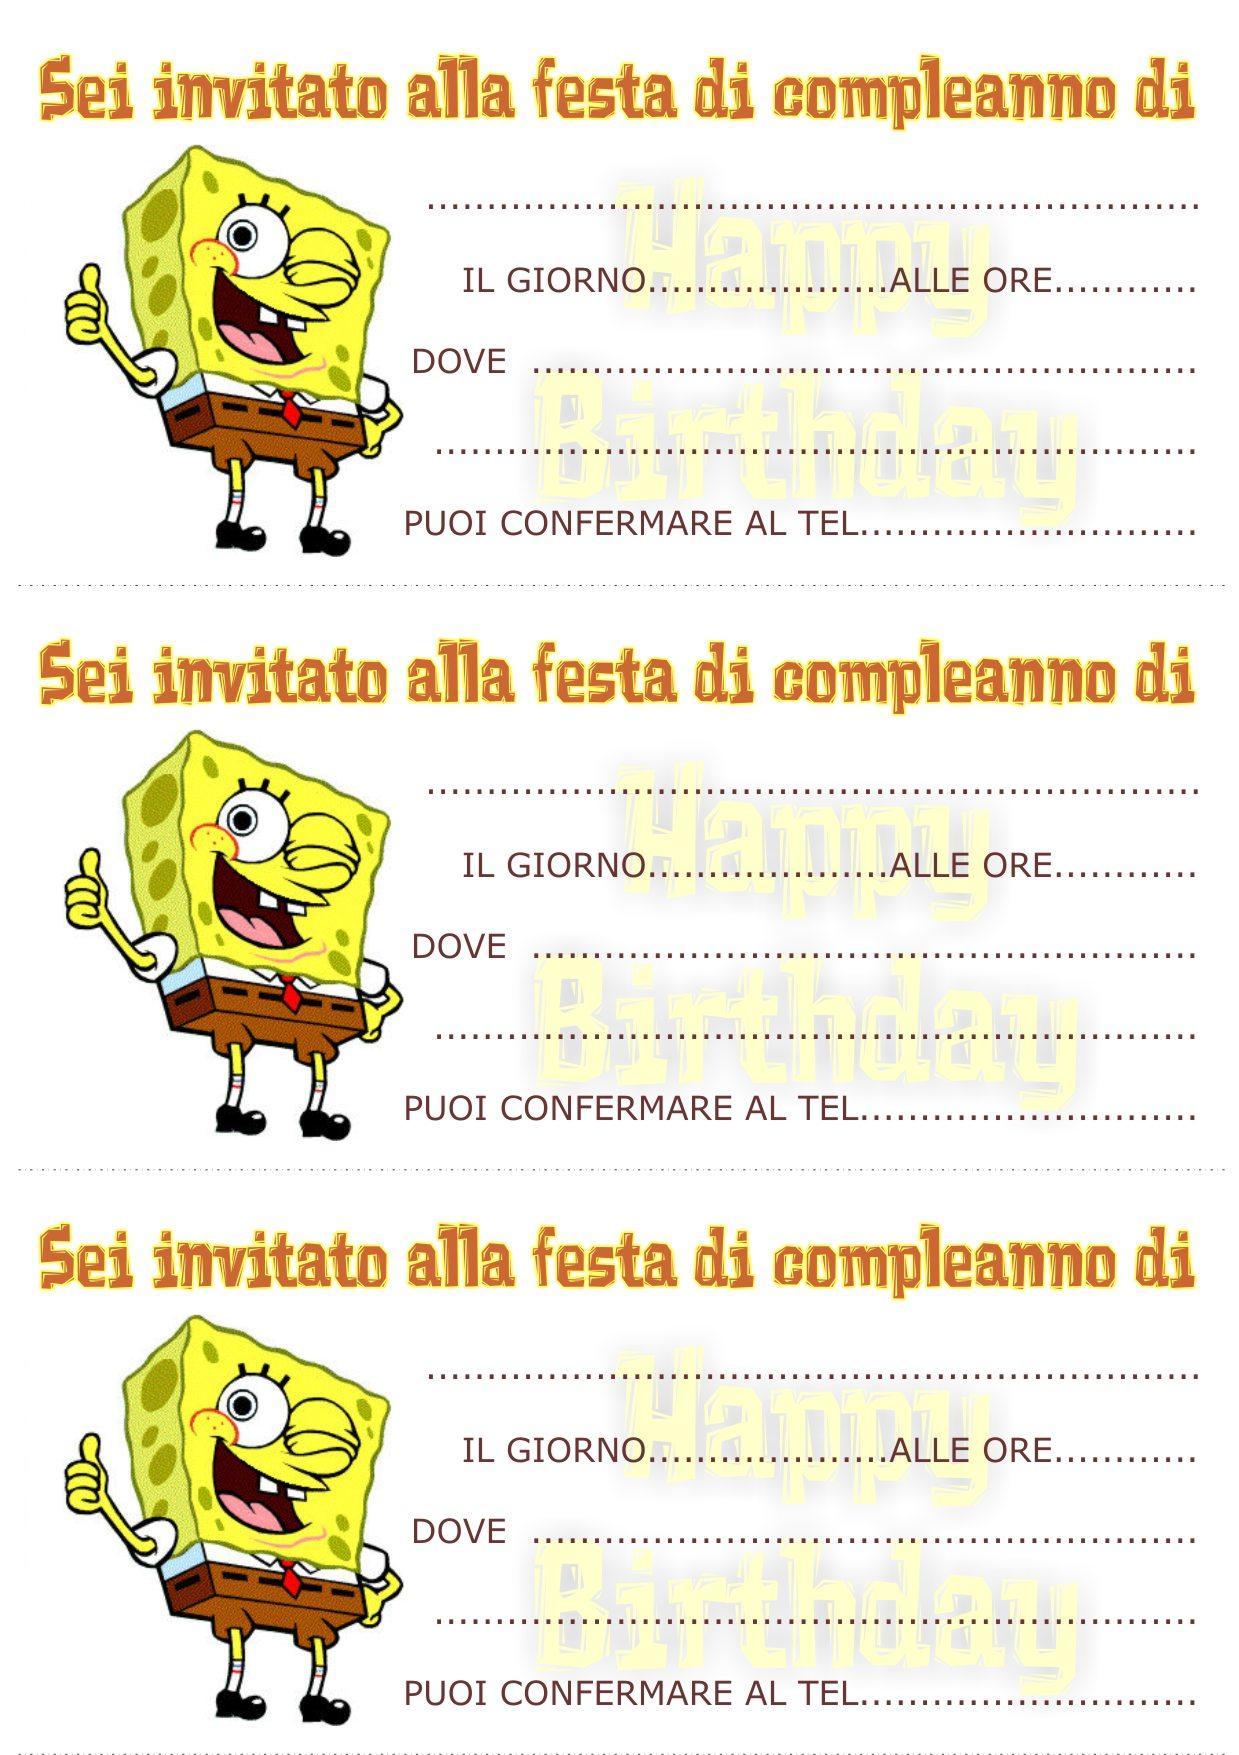 Preferenza biglietti-invito-compleanno-spongebob mod - Bimbi di Carta PV88